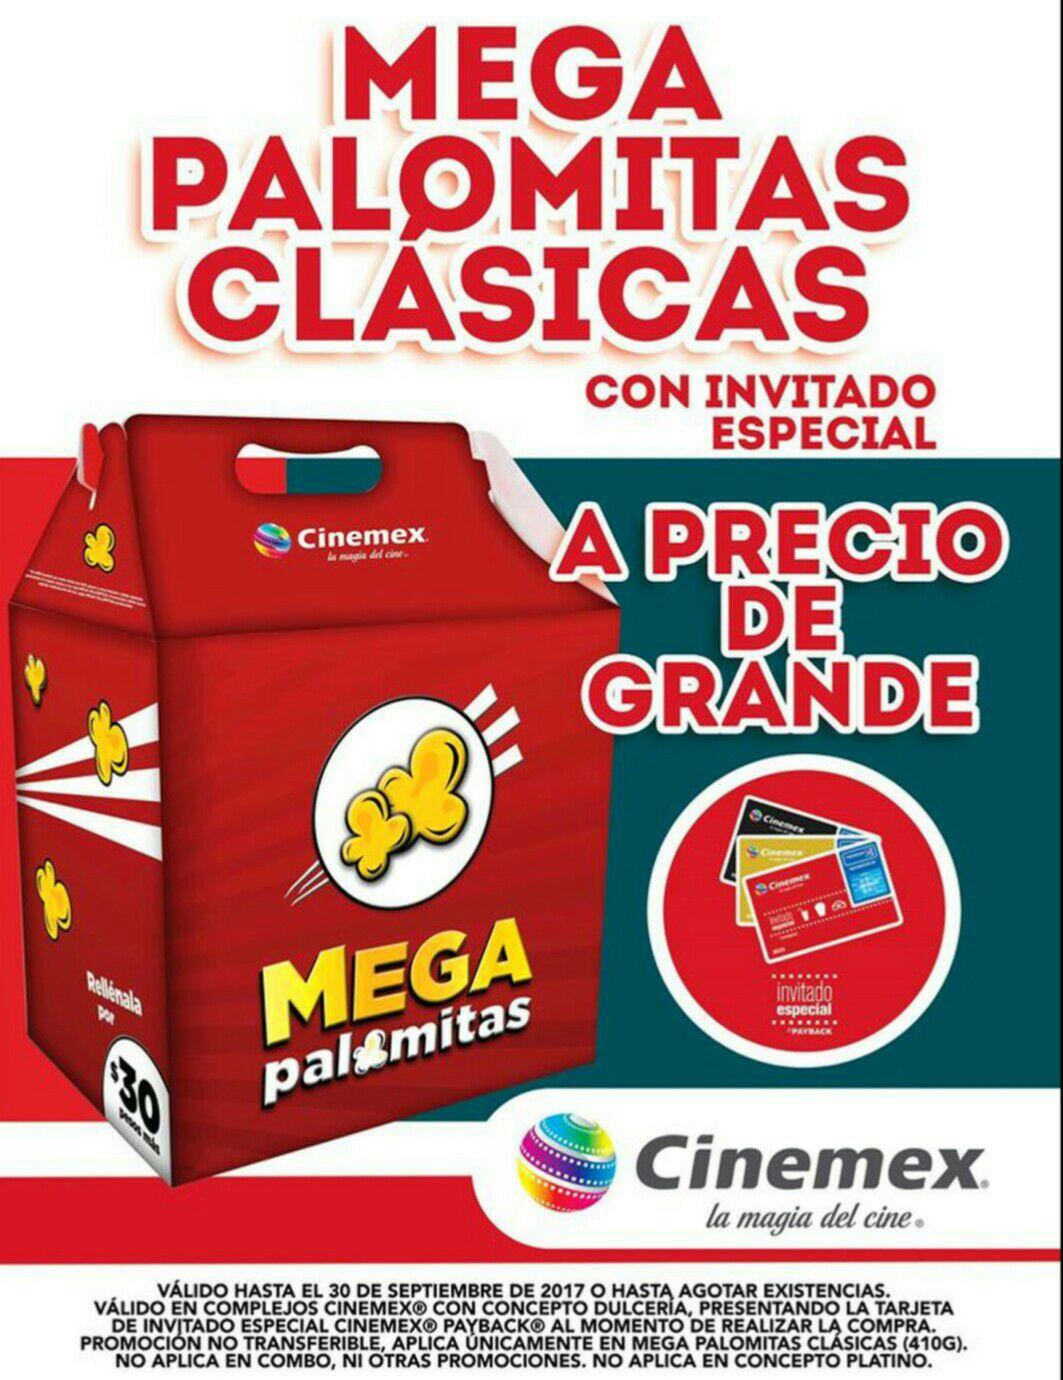 Cinemex: mega palomitas a precio de grandes con invitado especial.